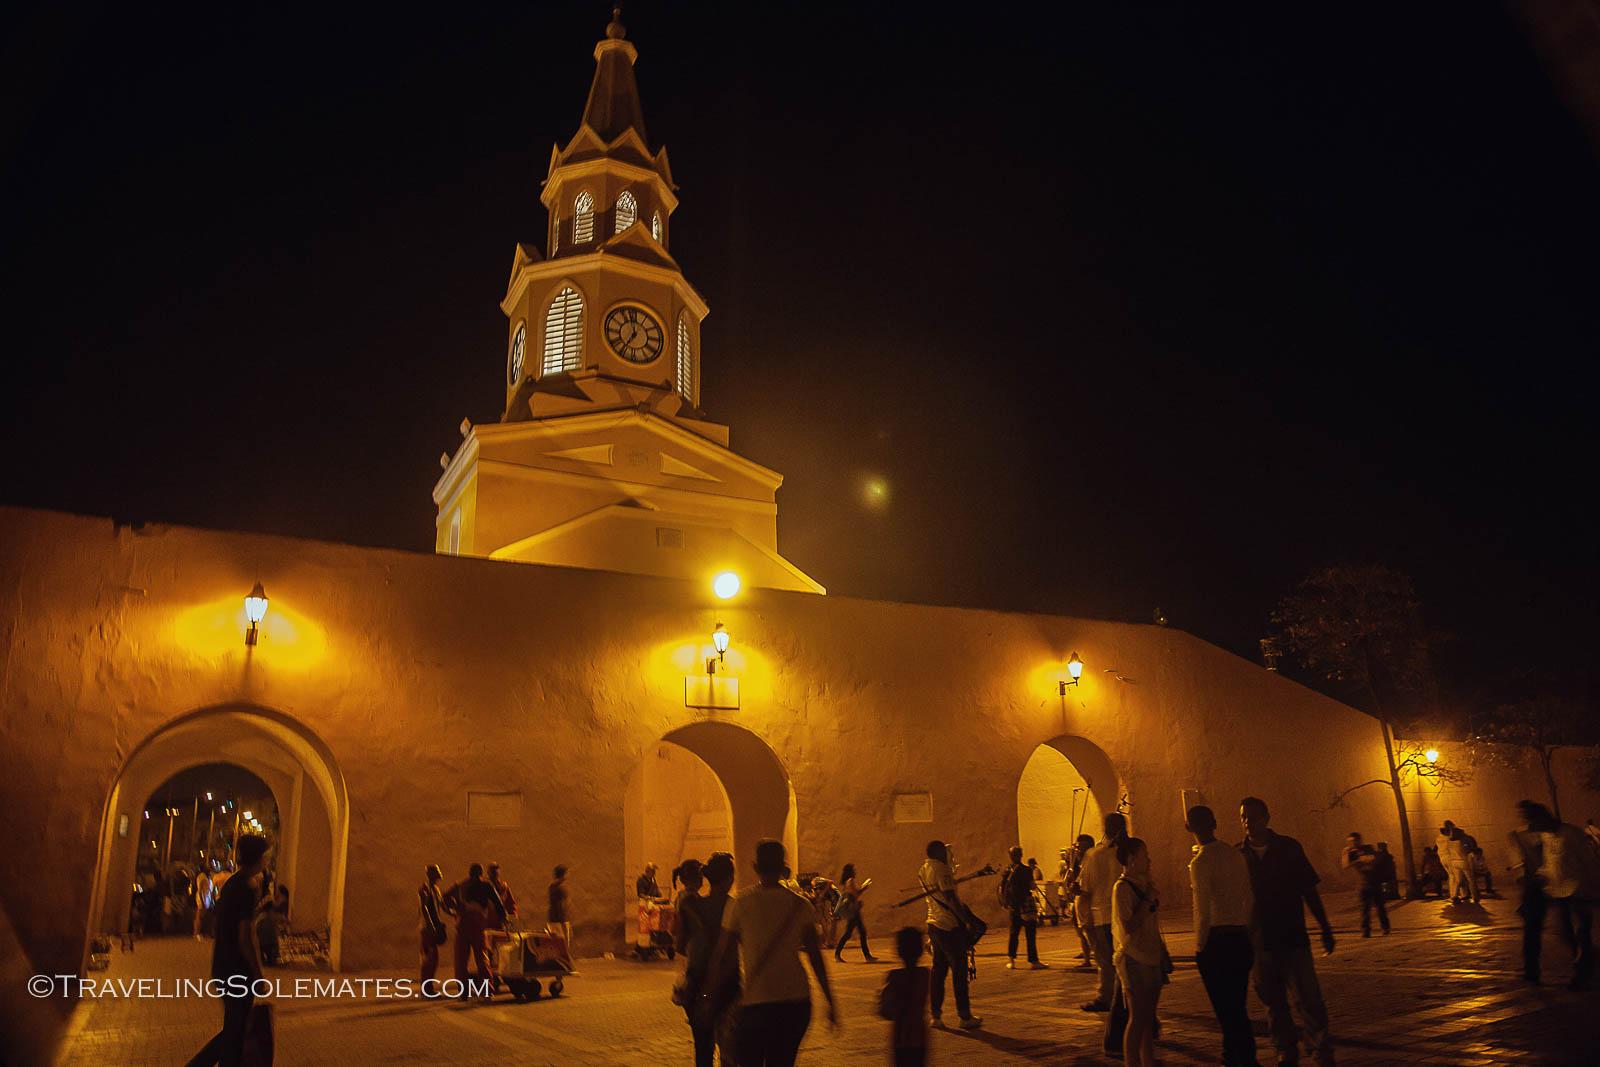 La Torre de Reloj, Old Cartagena, Colombia